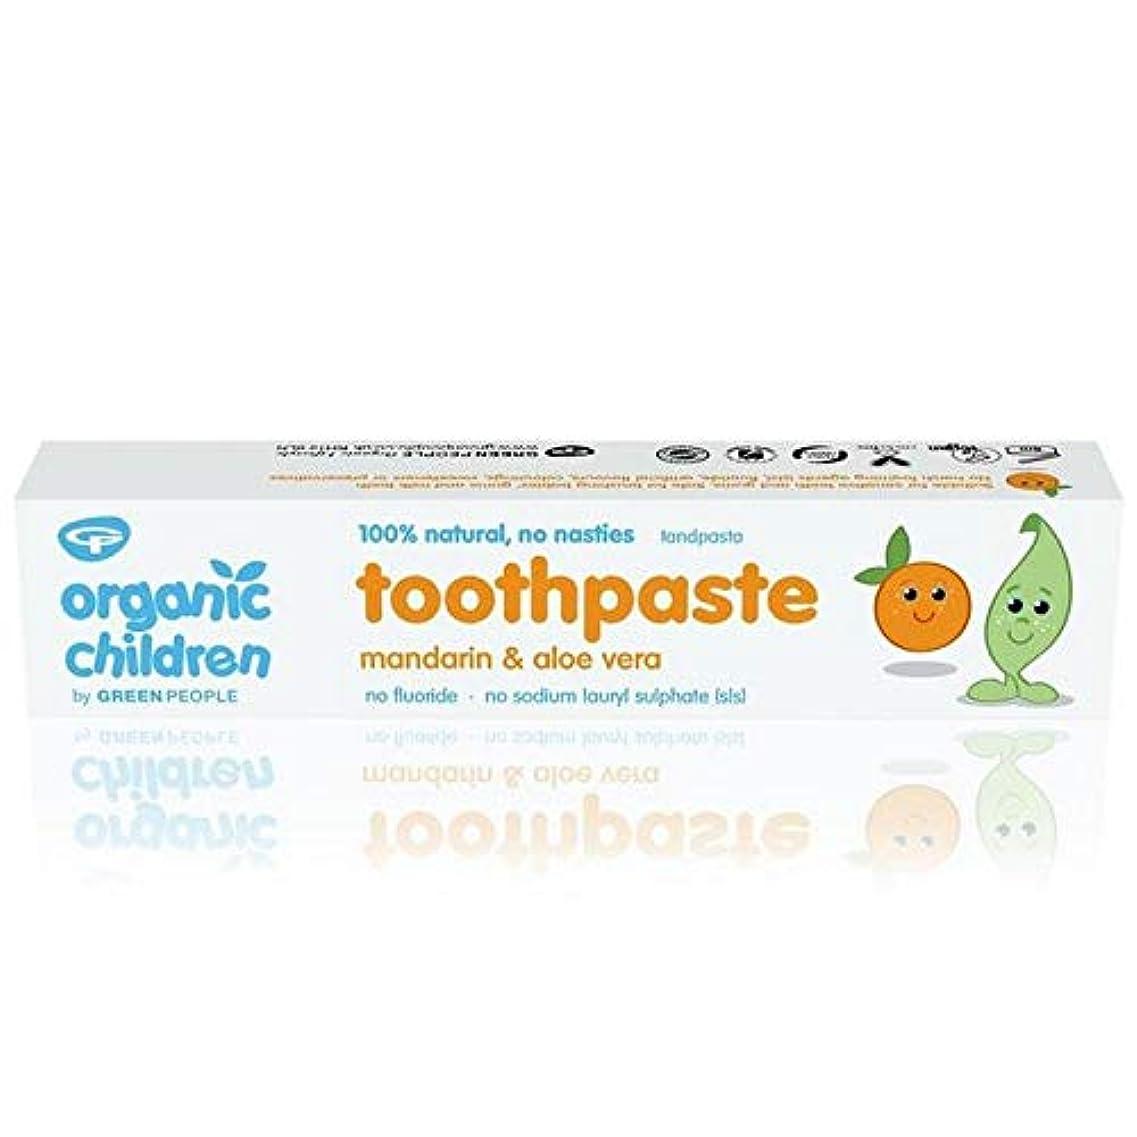 聡明コーチセンチメンタル[Organic Children ] 有機子供の歯磨き粉、マンダリン50ミリリットル - Organic Children Toothpaste, Mandarin 50ml [並行輸入品]